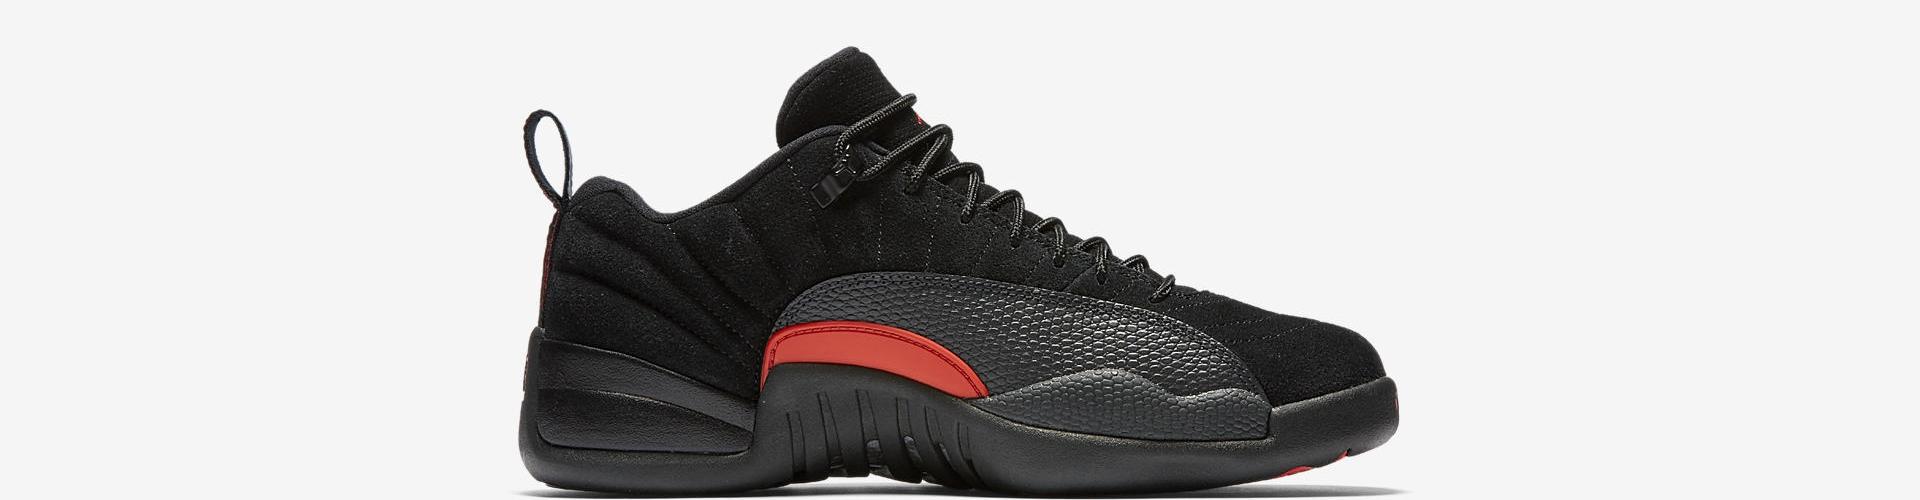 0e9e8f83d79 2017 Nike Air Jordan 12 XII Low Black Max Orange 308317-003 Msrp  170 sz  8-15